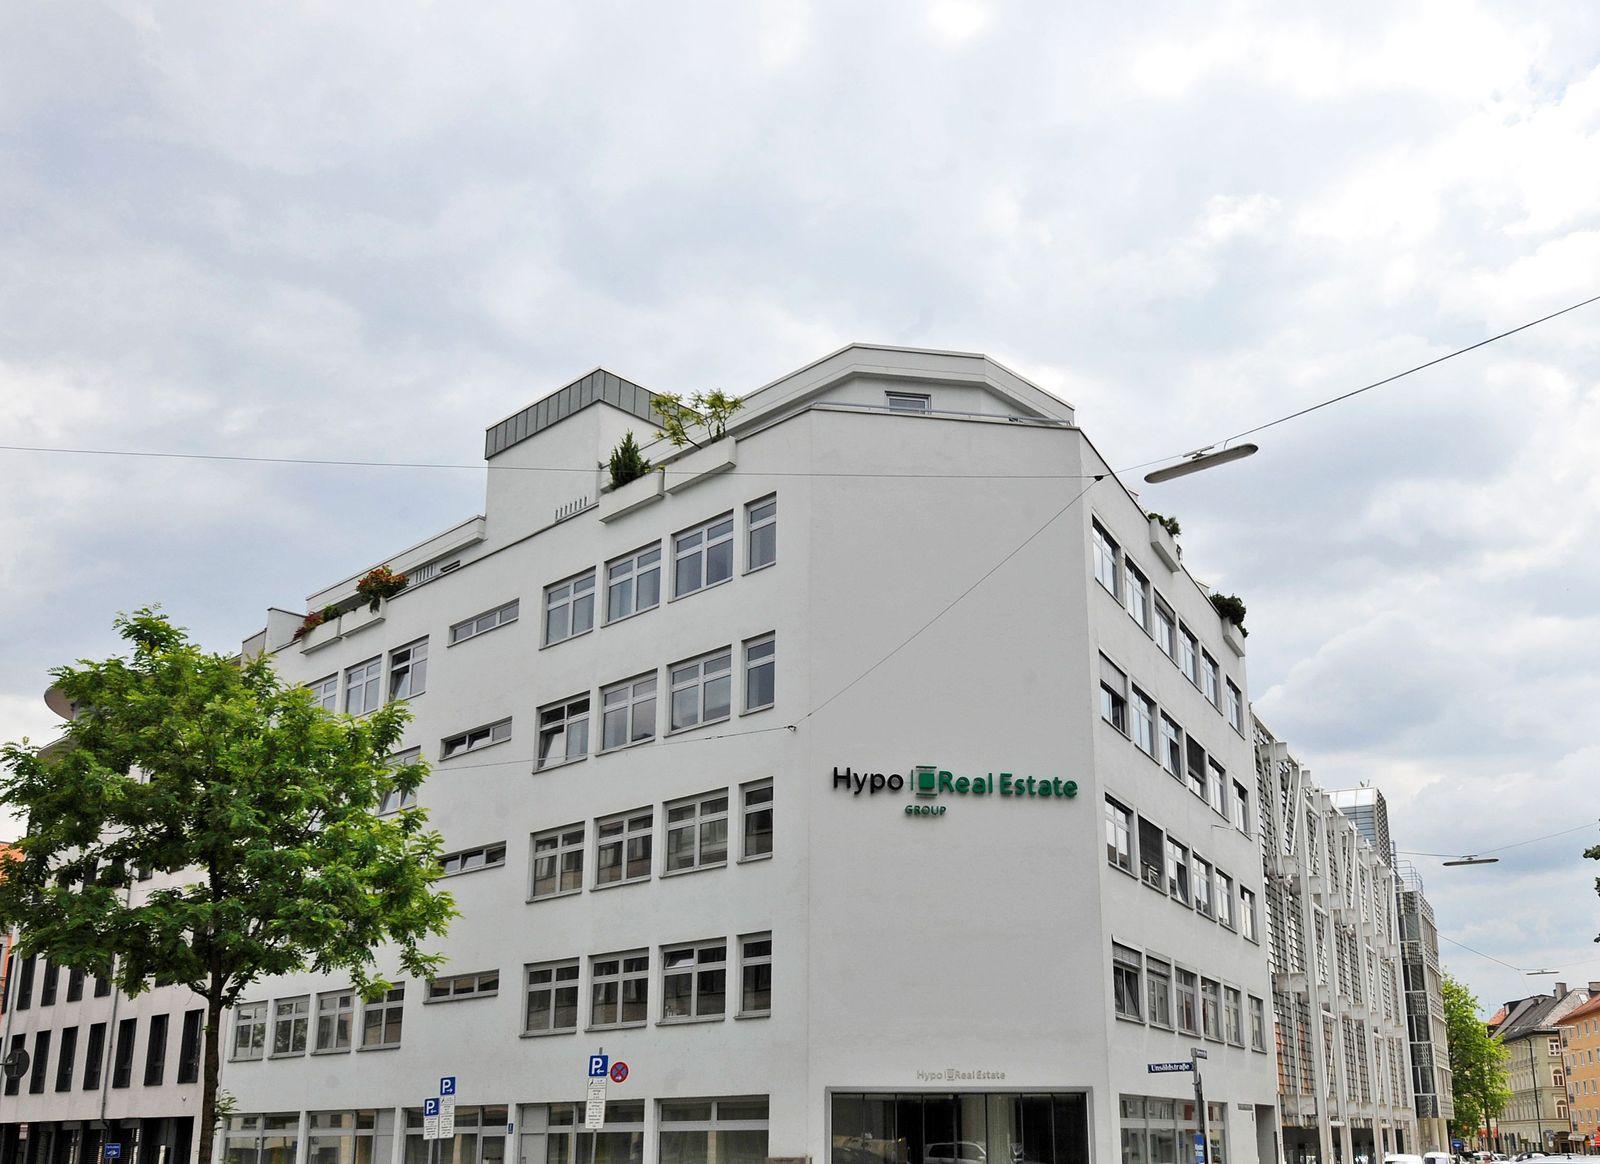 Firmenzentrale der Hypo Real Estate Holding